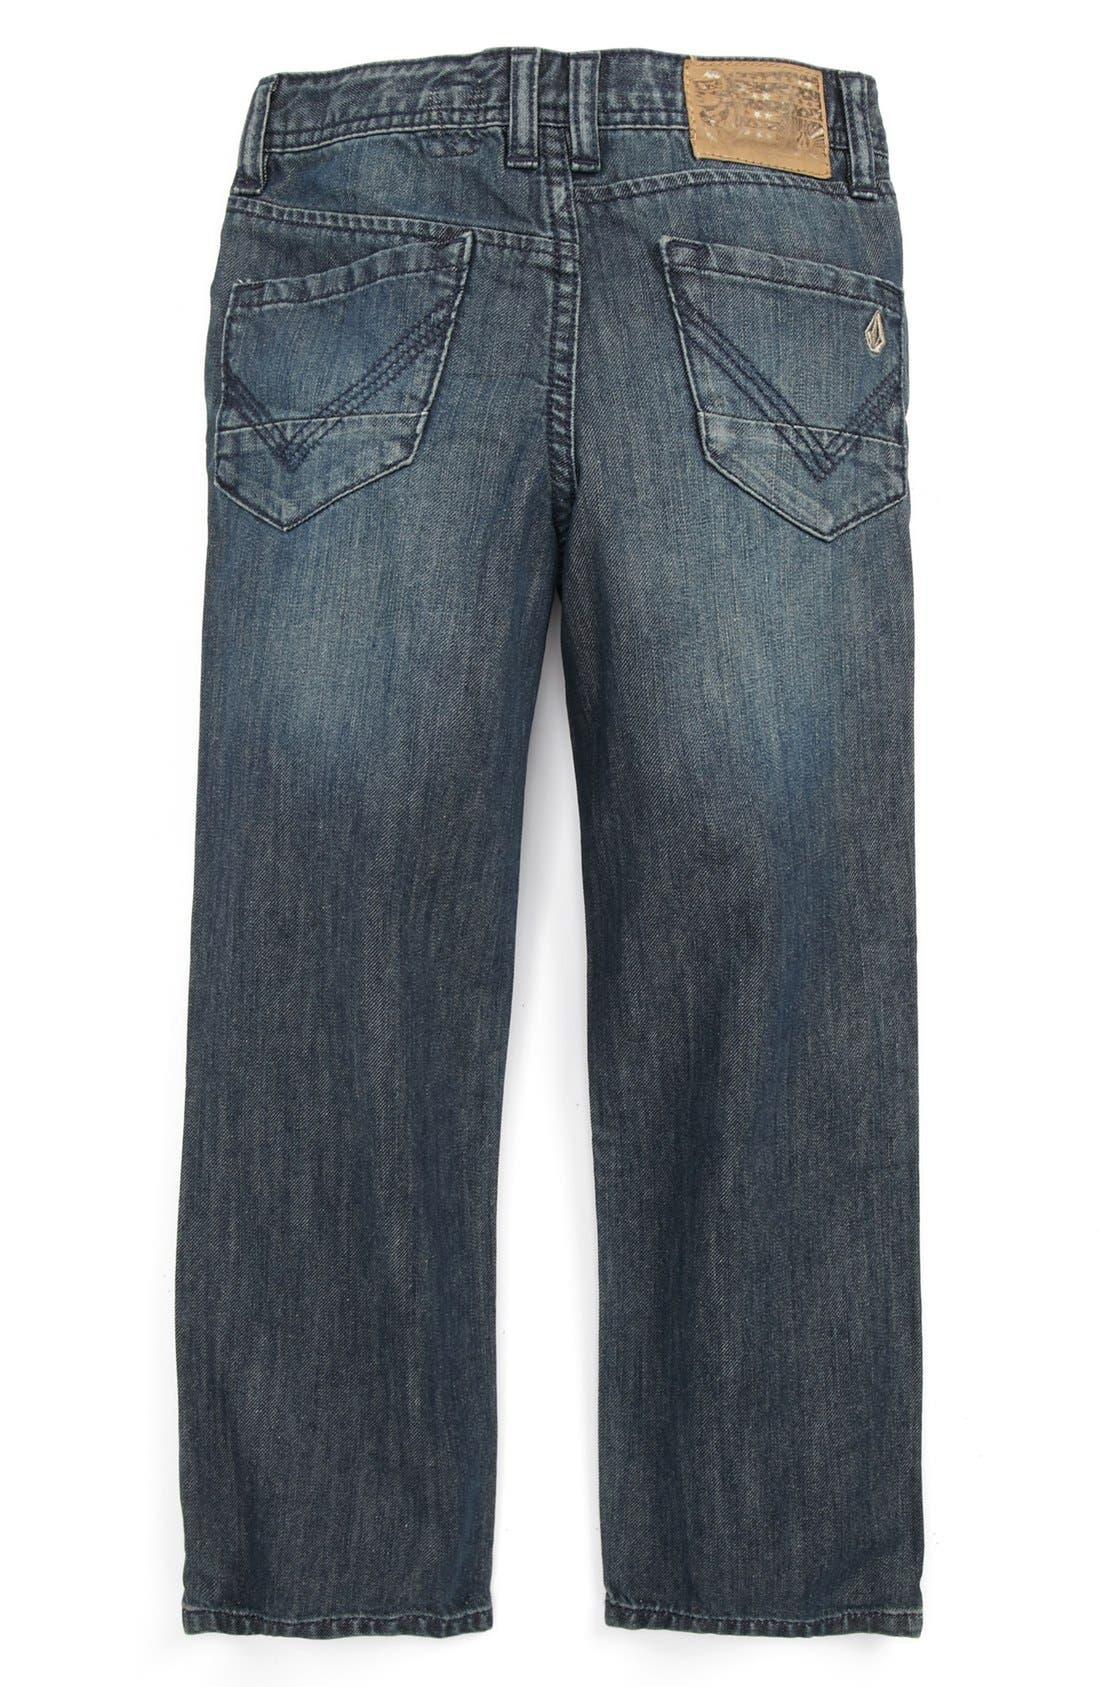 Alternate Image 1 Selected - Volcom 'Nova' Straight Leg Jeans (Little Boys)